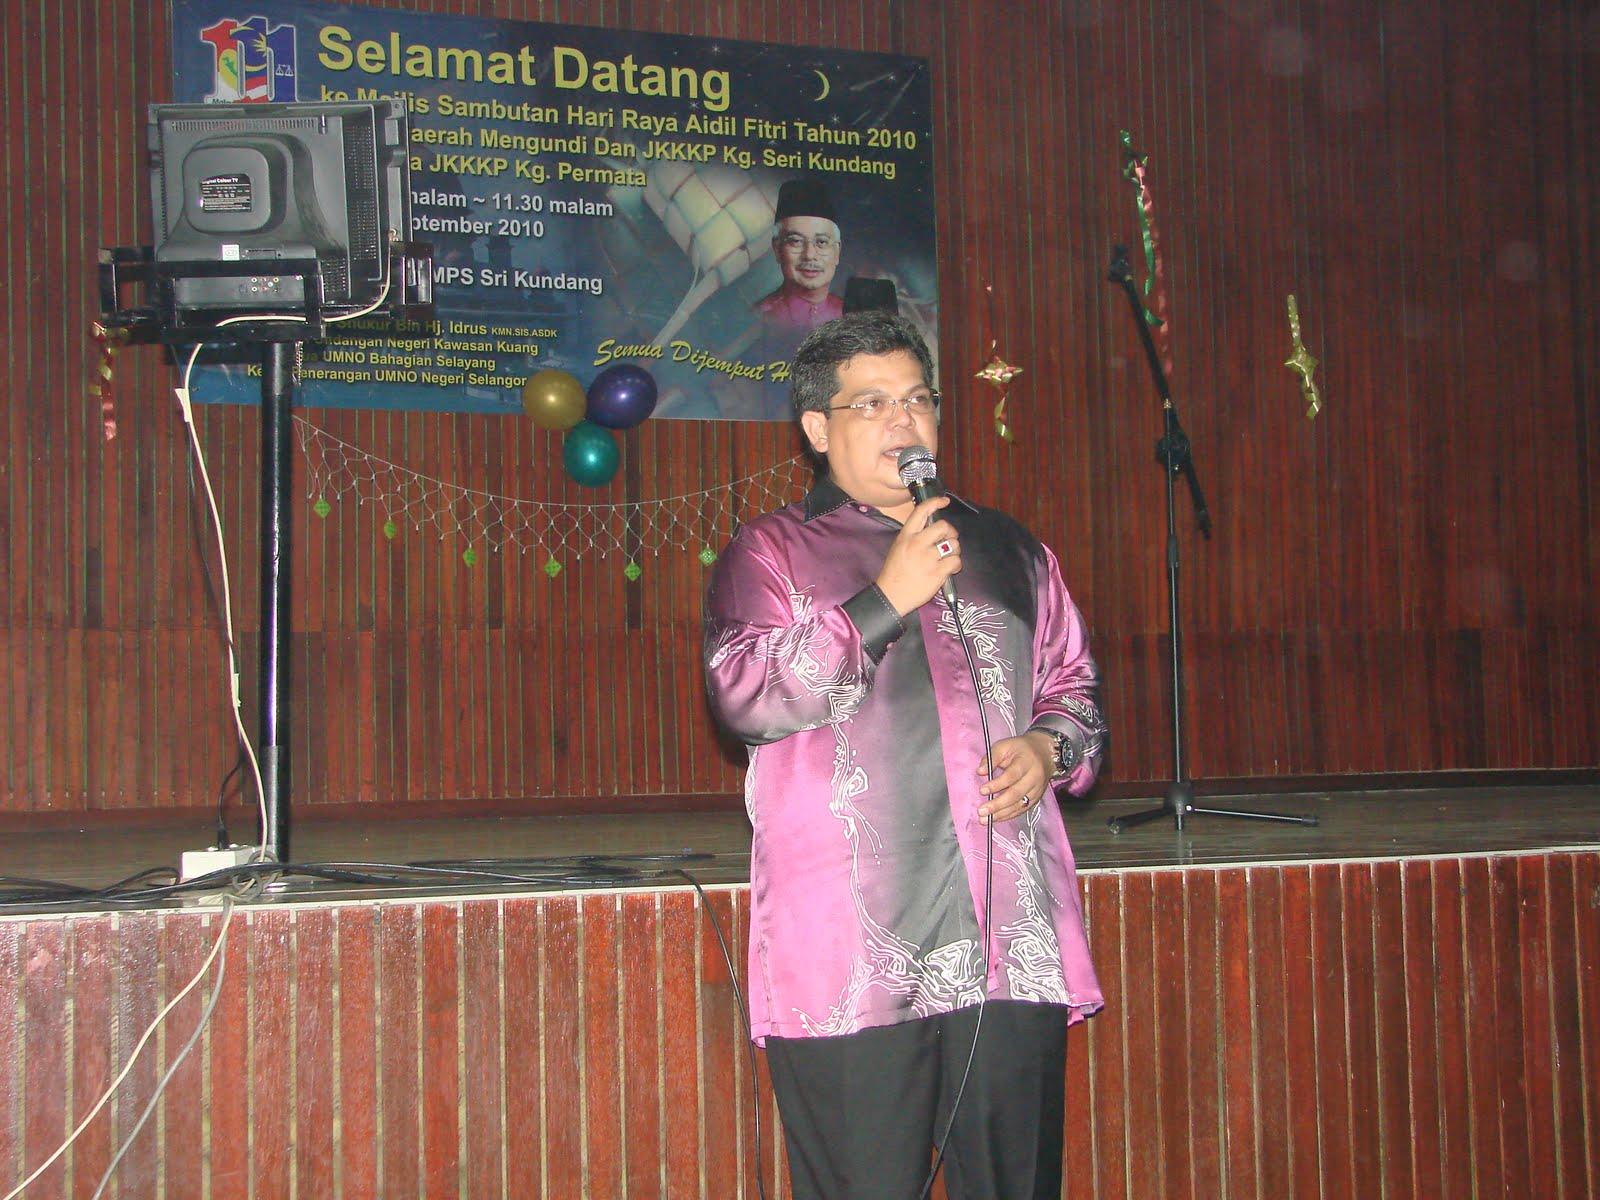 Sambutan Hari Raya di Kg.Melayu Sri Kundang - Anjuran JKKKP/PDM